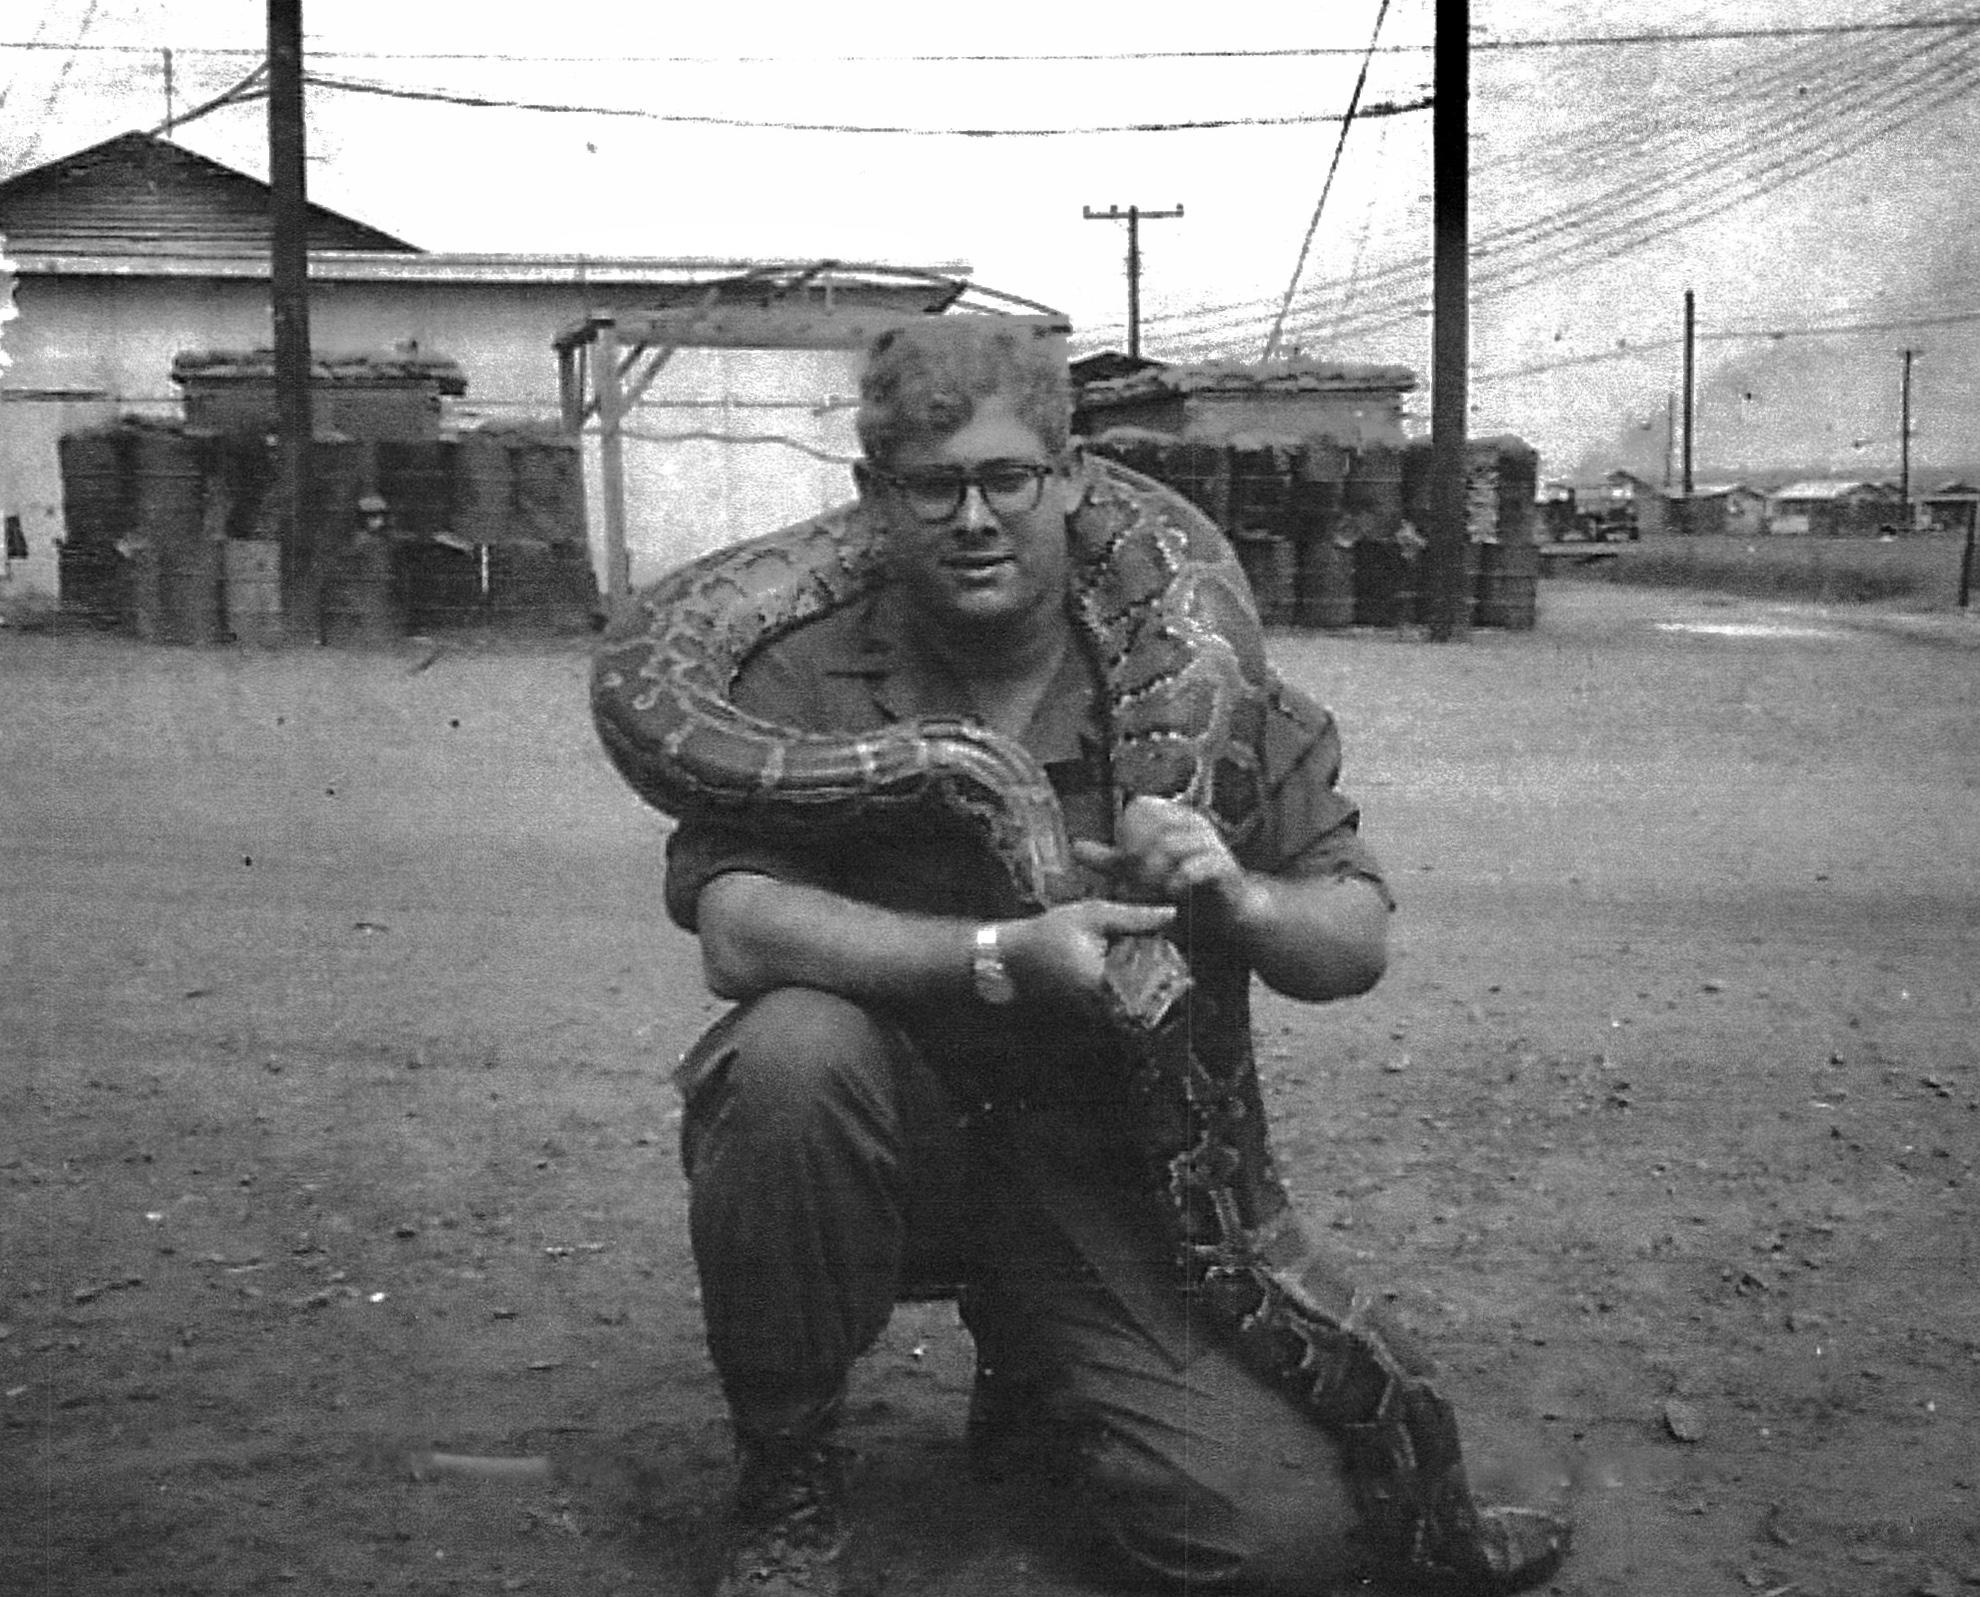 Gary Meckler (USA) 1968